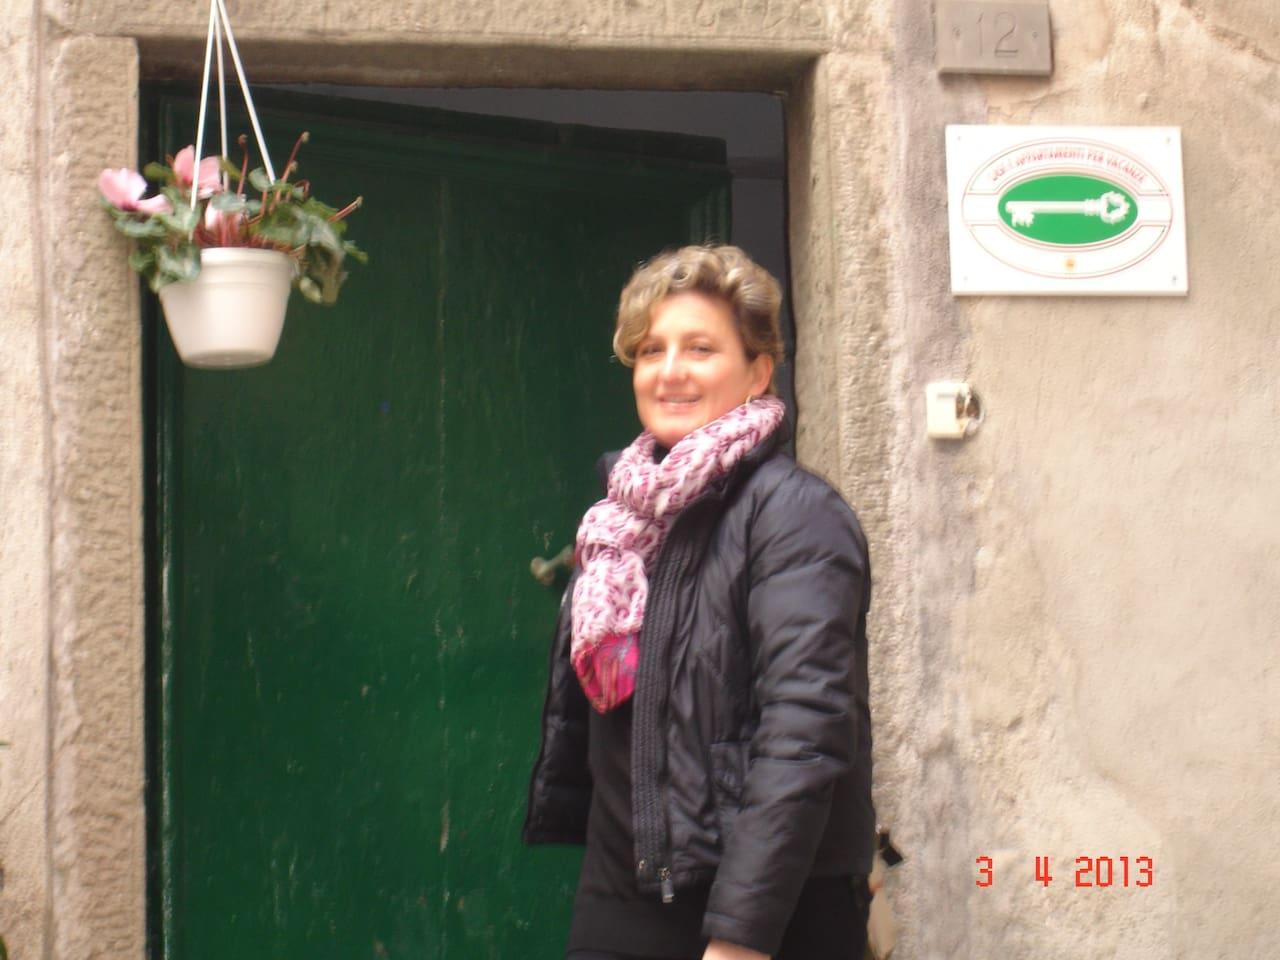 Francesca davanti all 'ingresso  dell'appartamento Vacanze di via San Franceso 12  Vernazza